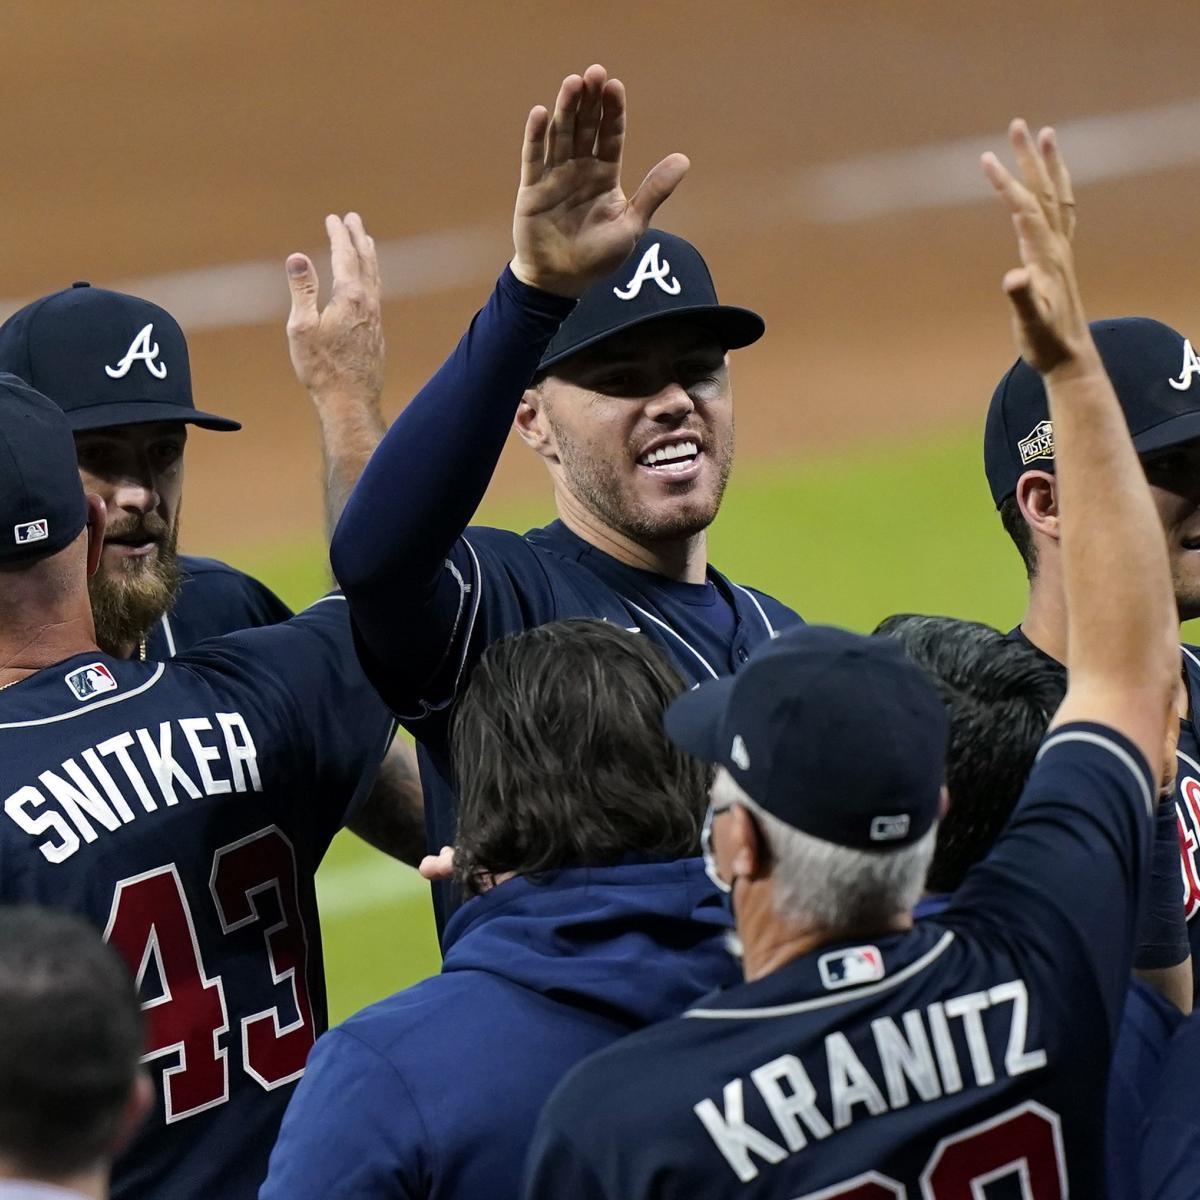 MLB Postseason 2020: Breaking Down Dodgers vs. Braves Keys to Winning NLCS